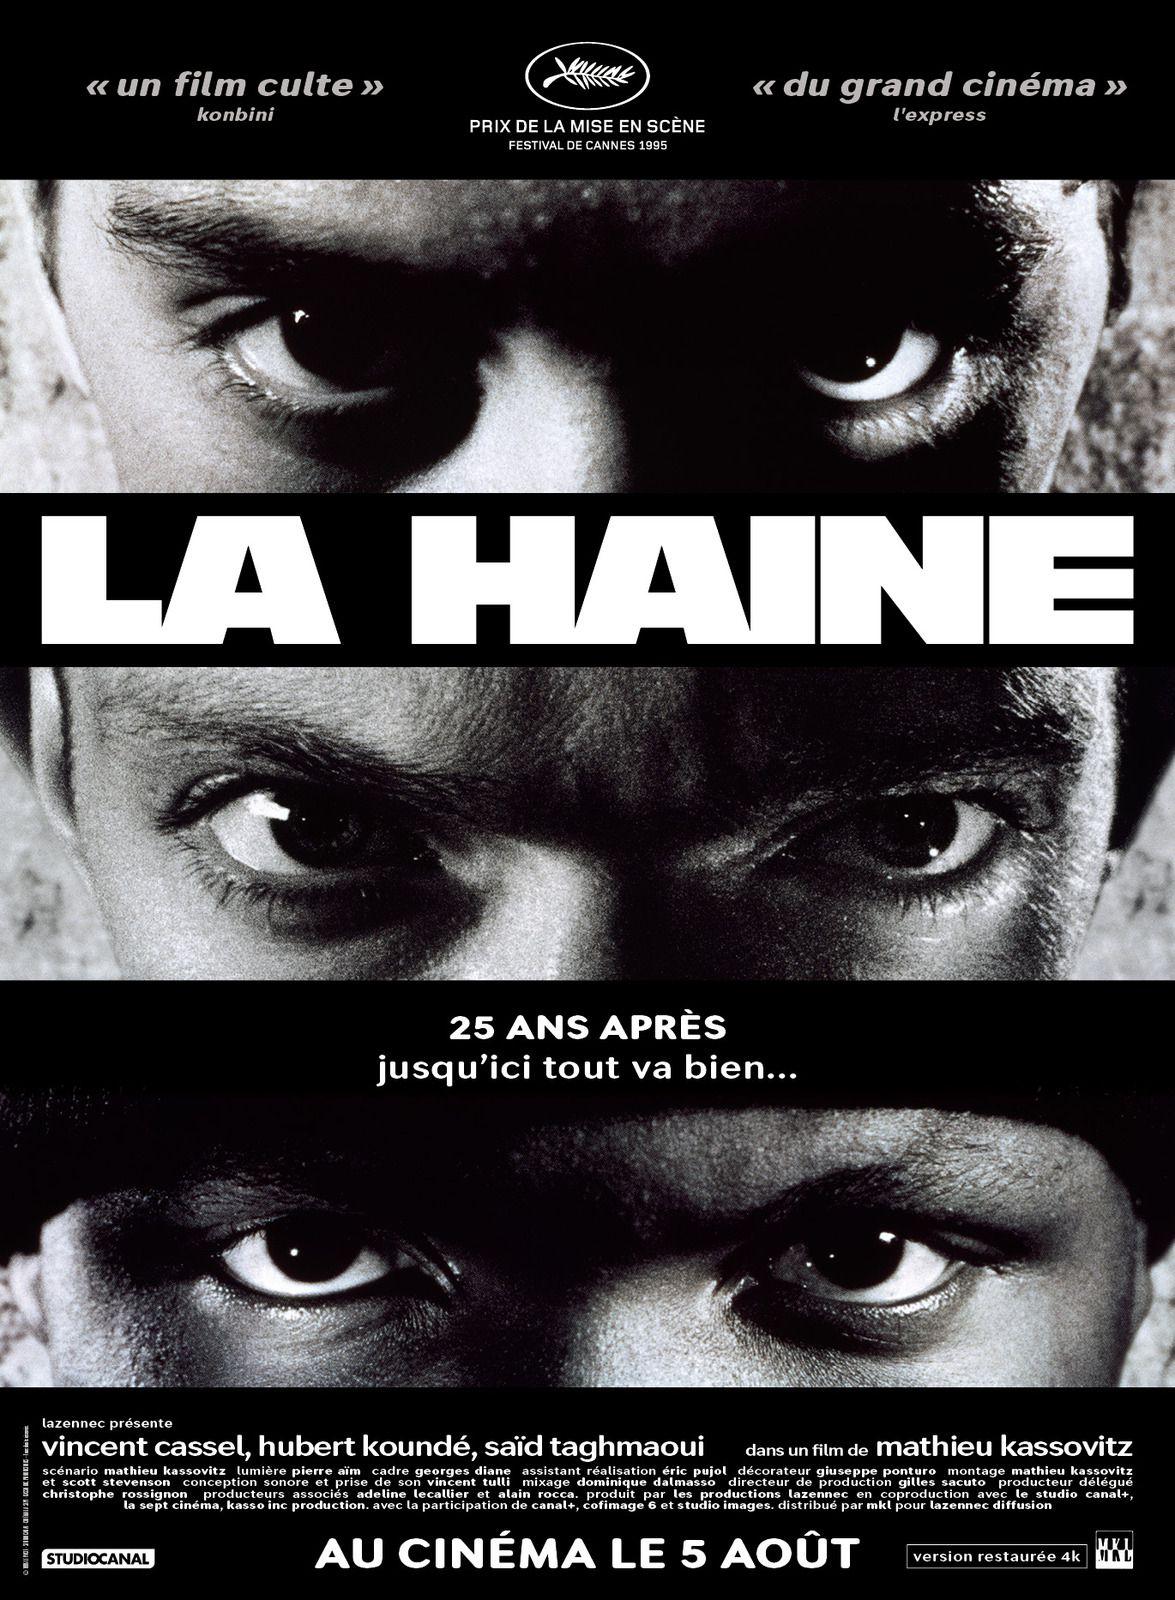 LA HAINE, un film de Mathieu Kassovitz avec Vincent Cassel, Hubert Koundé et Saïd Taghmaoui.fête ses 25 ans !au Cinéma en version restaurée.